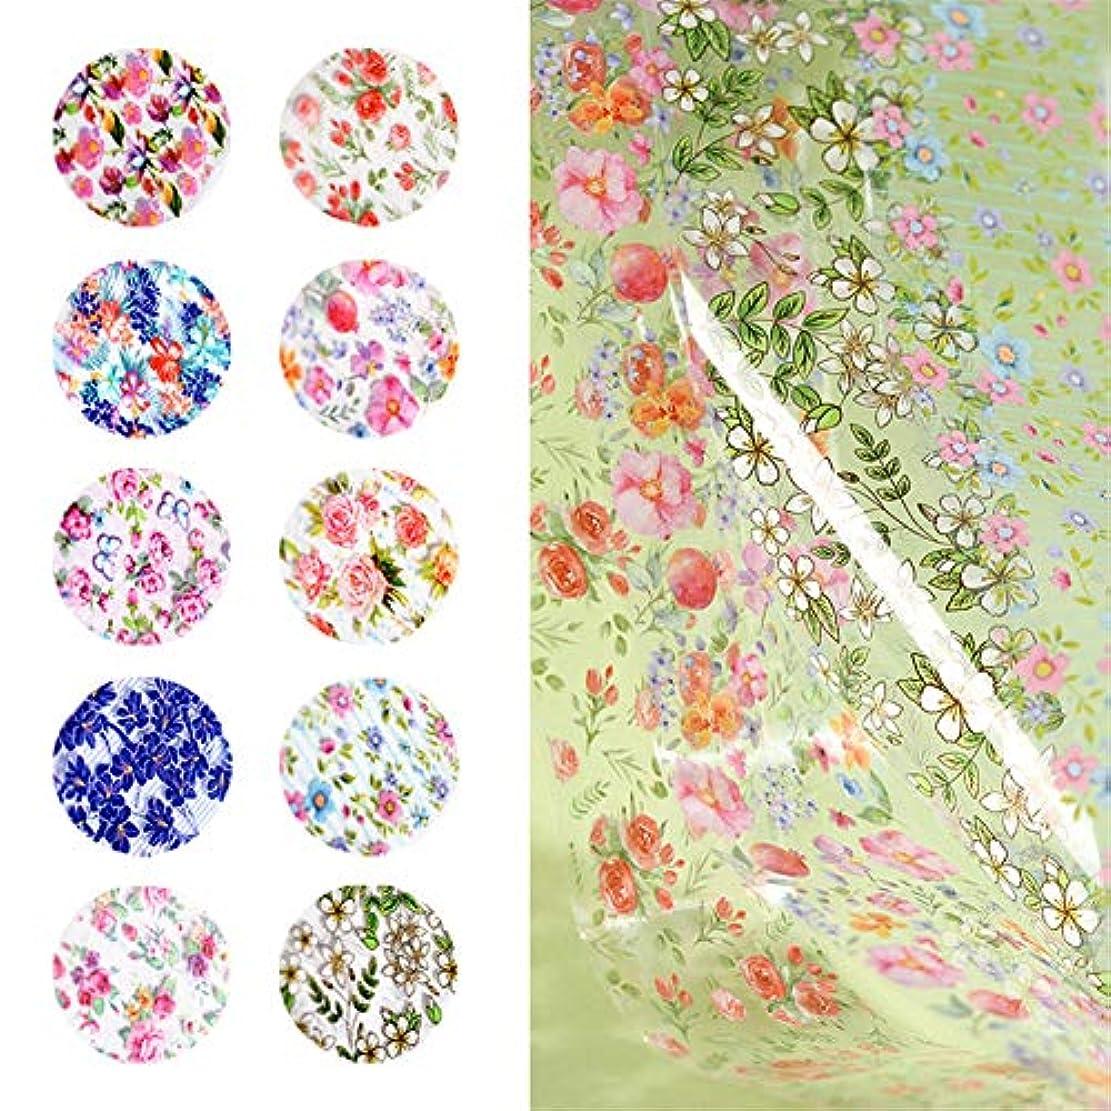 韓国デッド奇跡10シール フラワー ネイルホイル レース 桜 春 ネイルデコ ステッカー ネイルアート ホイル (01-10)